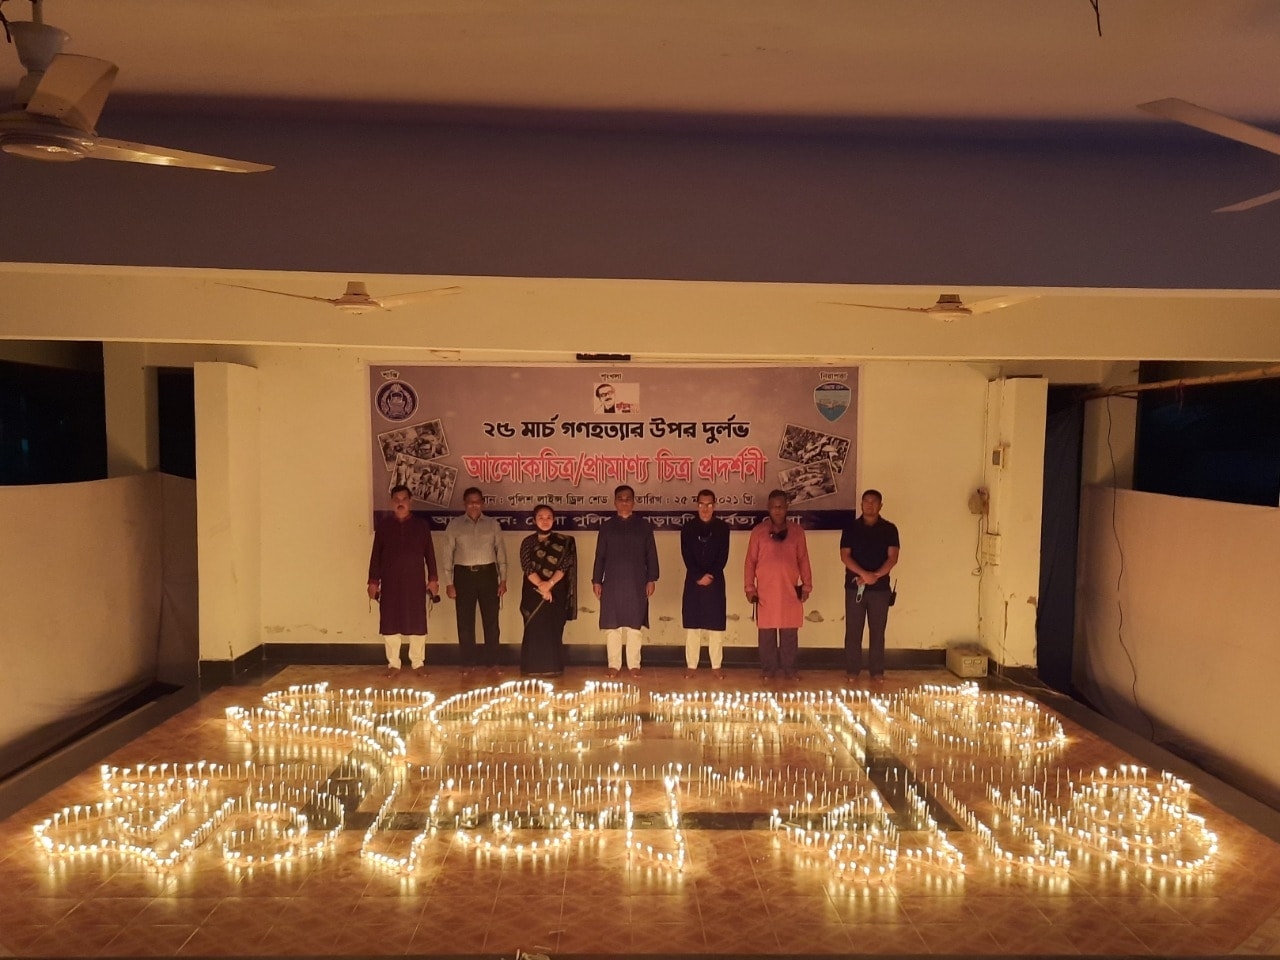 ২৫ মার্চ ভয়াল কালরাত স্মরনে আলোকচিত্র/প্রামন্যচিত্র প্রদর্শনী।